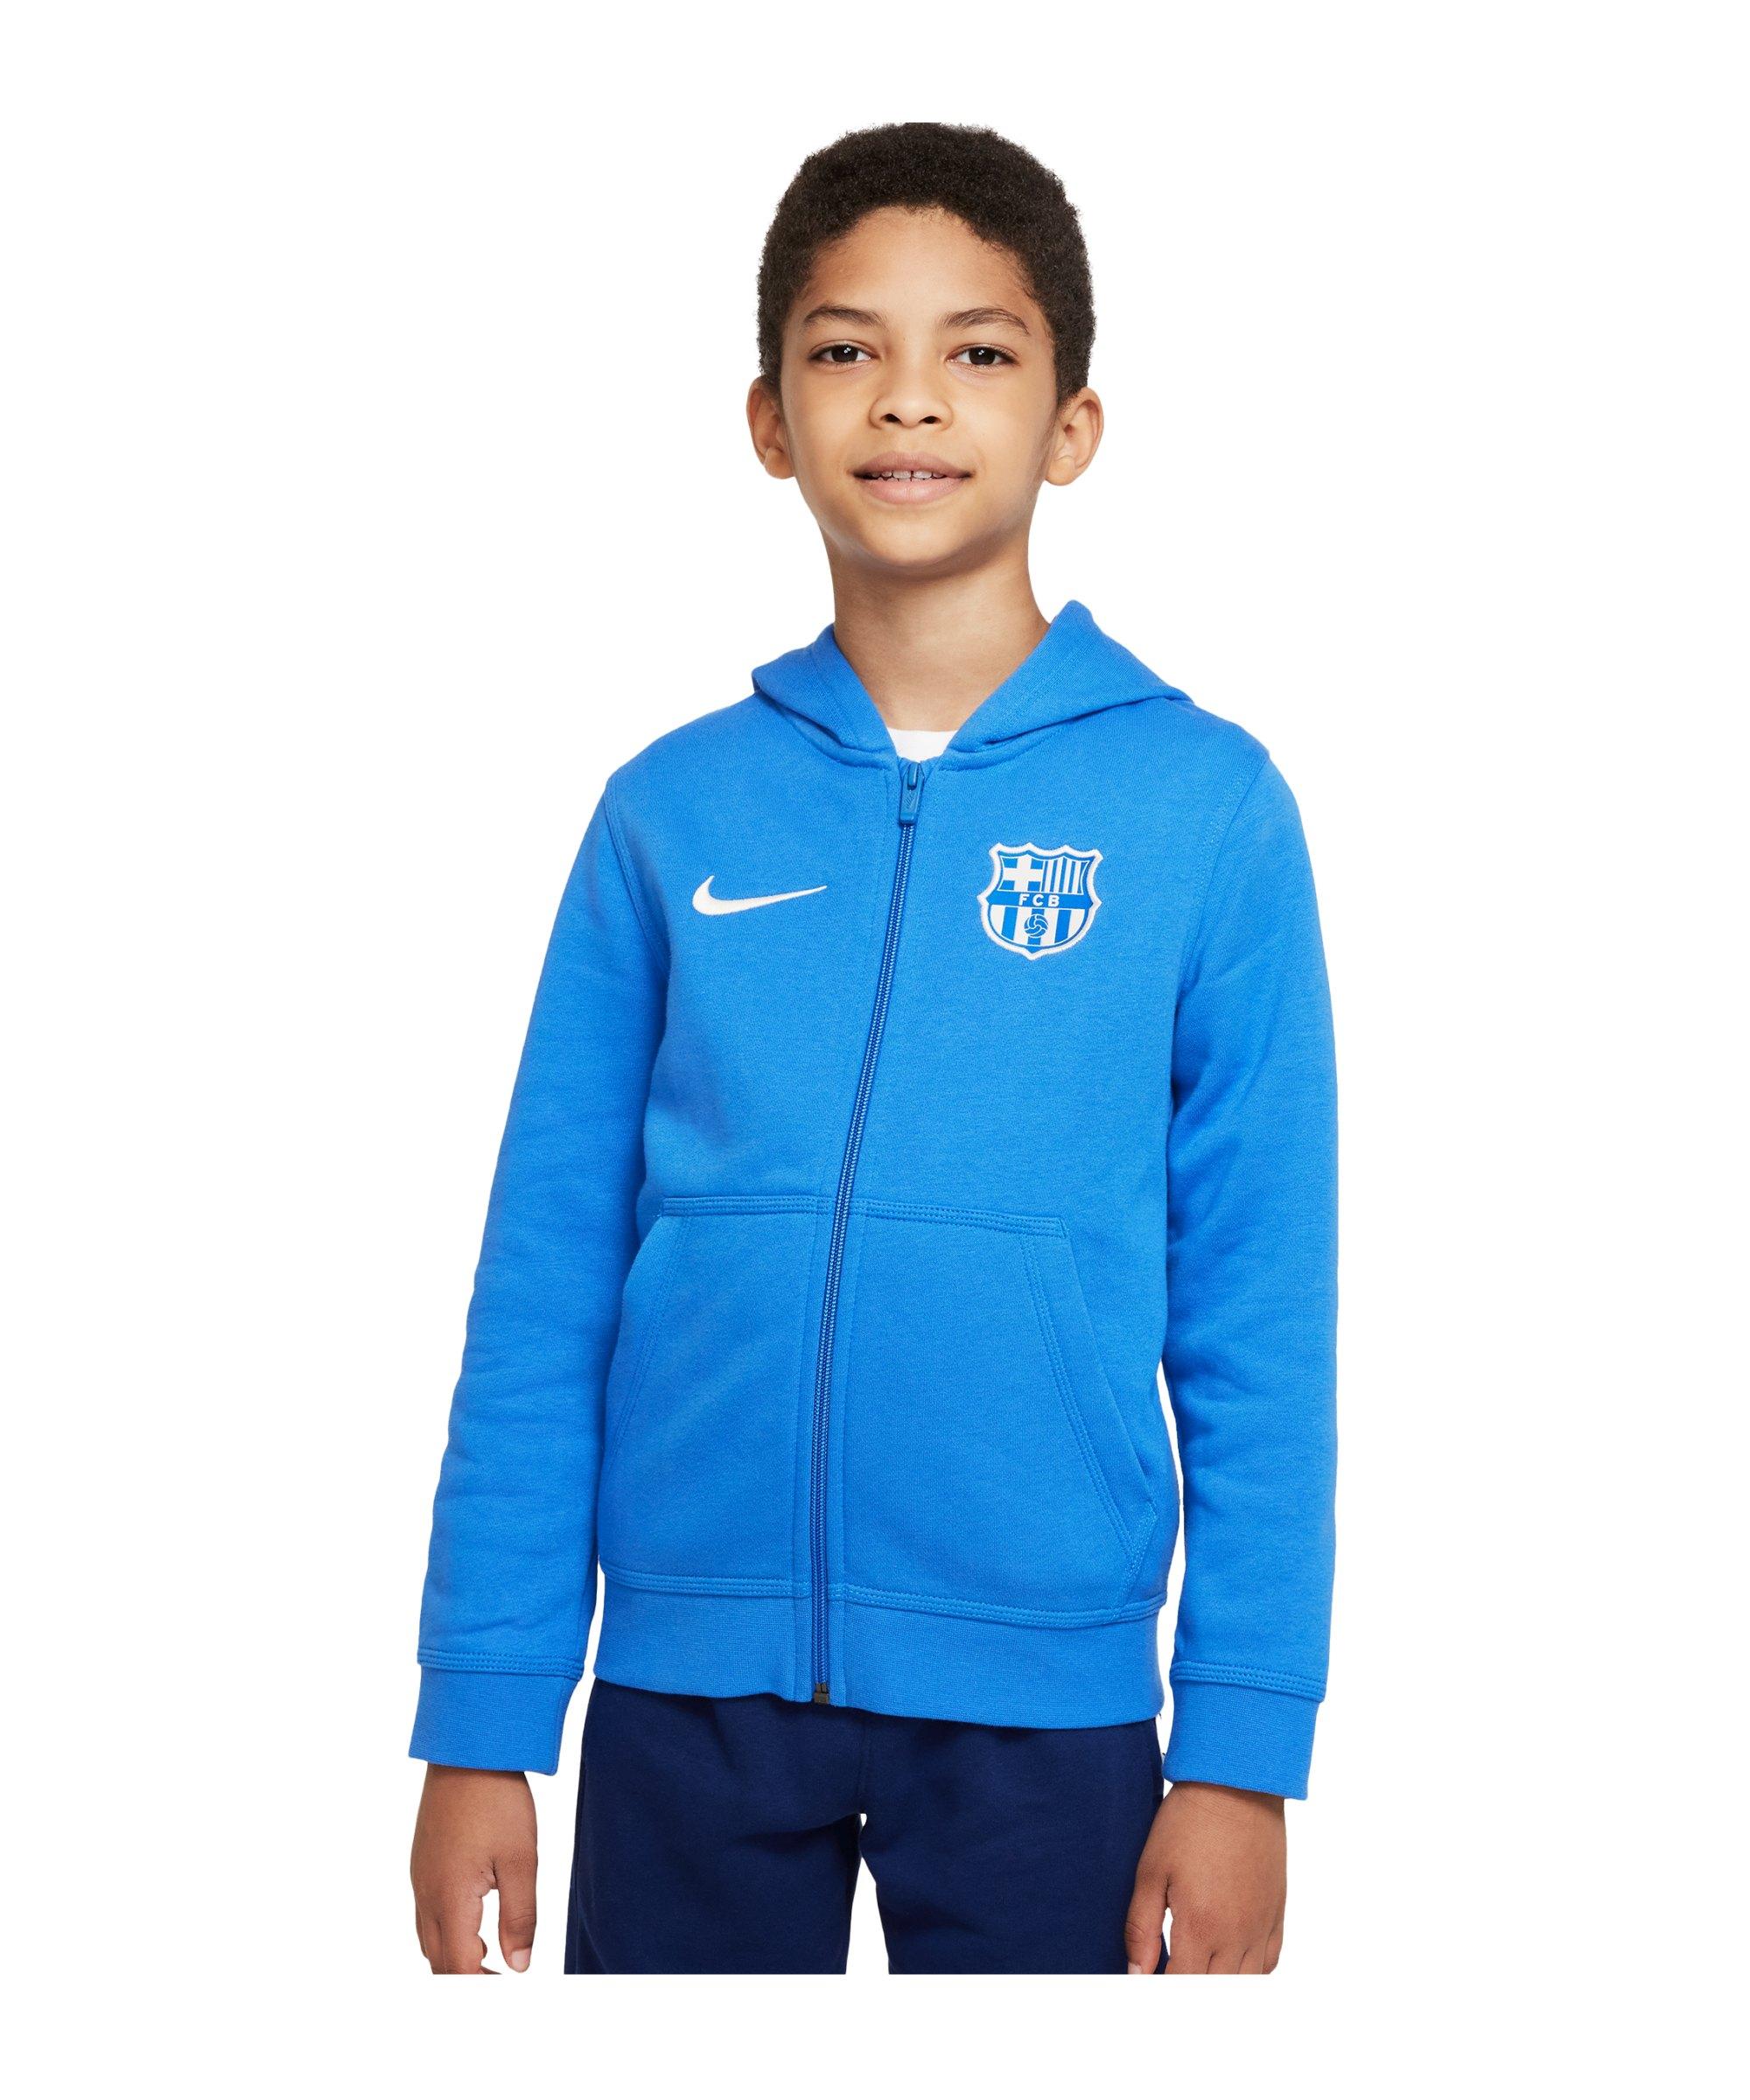 Nike FC Barcelona Kapuzenjacke Kids Blau F427 - blau